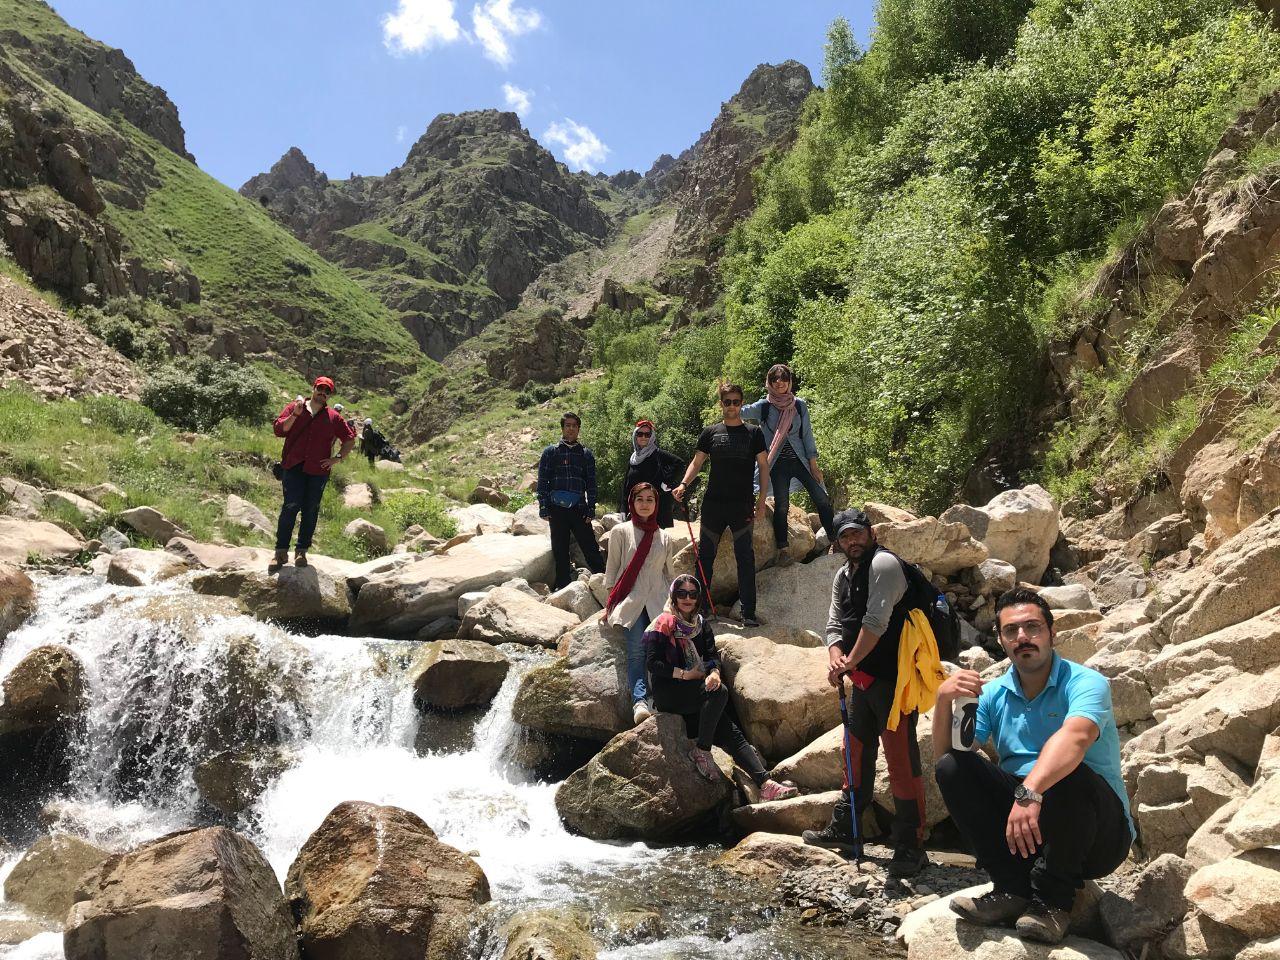 تصویر از برنامه جمعه ۱۱ خرداد ۱۳۹۷ – آبشار عیش آباد و موغان یوردو گلجار